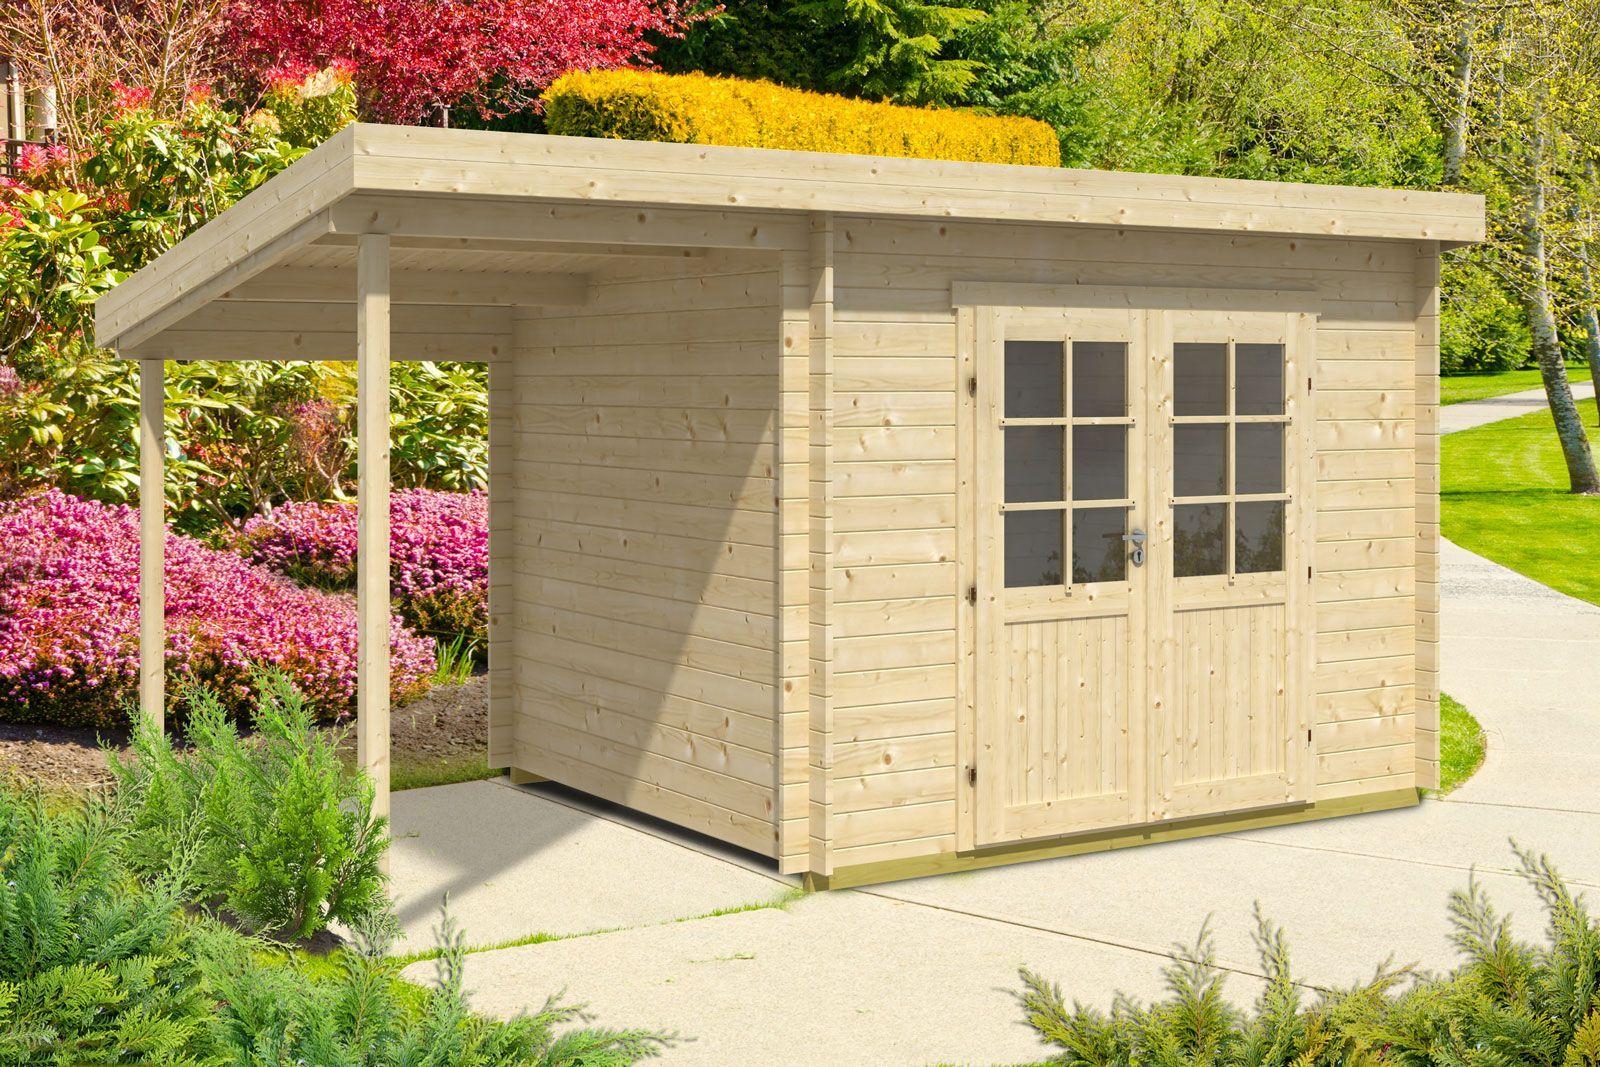 Pultdach Gartenhaus Modell Maria (ISO) mit Schleppdach Bestellen Sie Ihr Gartenhaus beim Fachmann! Über 1.000 Modelle mit Flachdach, Spitzdach, 5-Eck uvm. +++ 0€ Versand. +++ Jetzt Schnäppchen sichern!